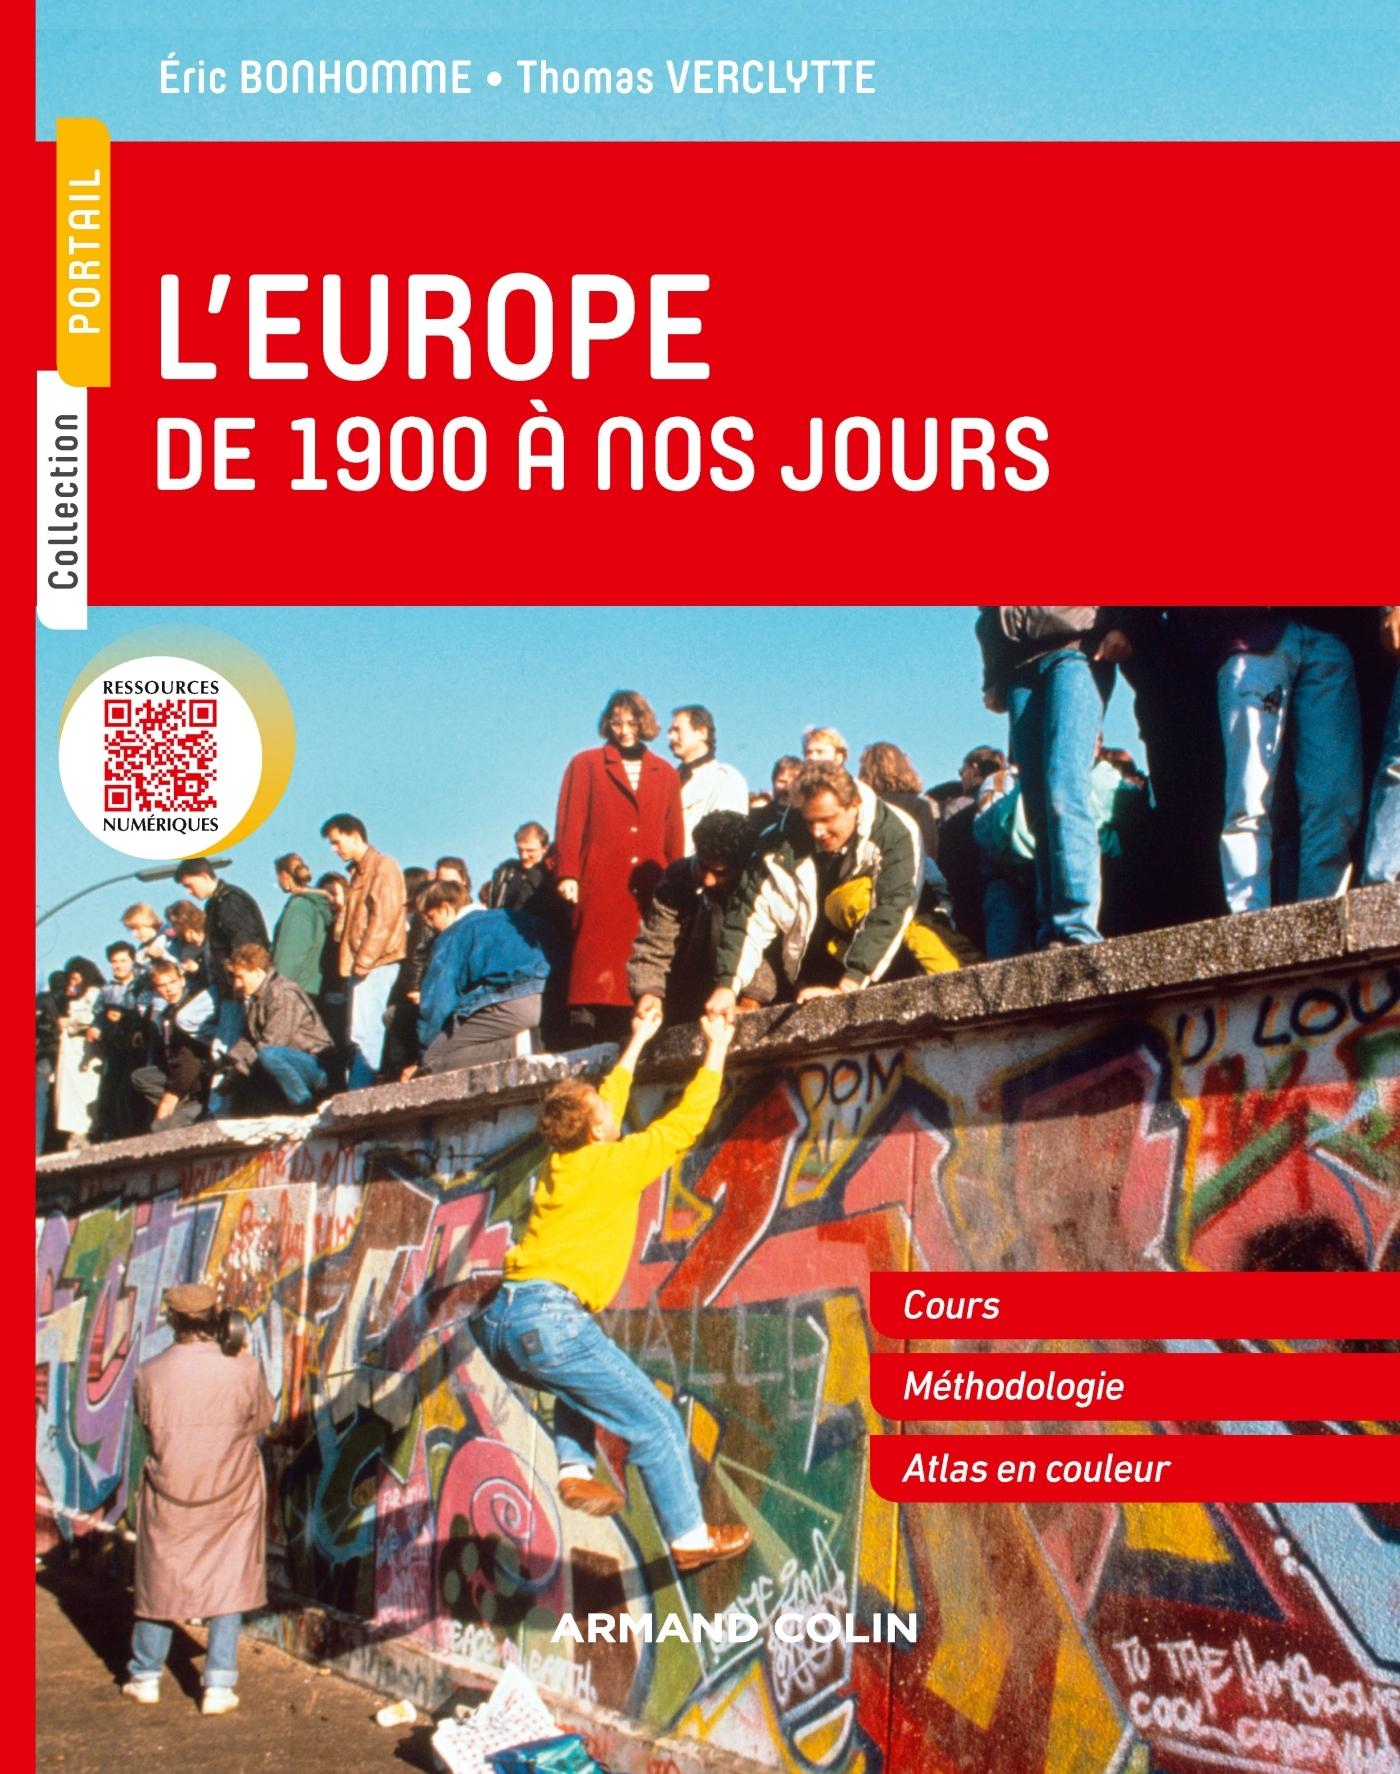 L'EUROPE DE 1900 A NOS JOURS